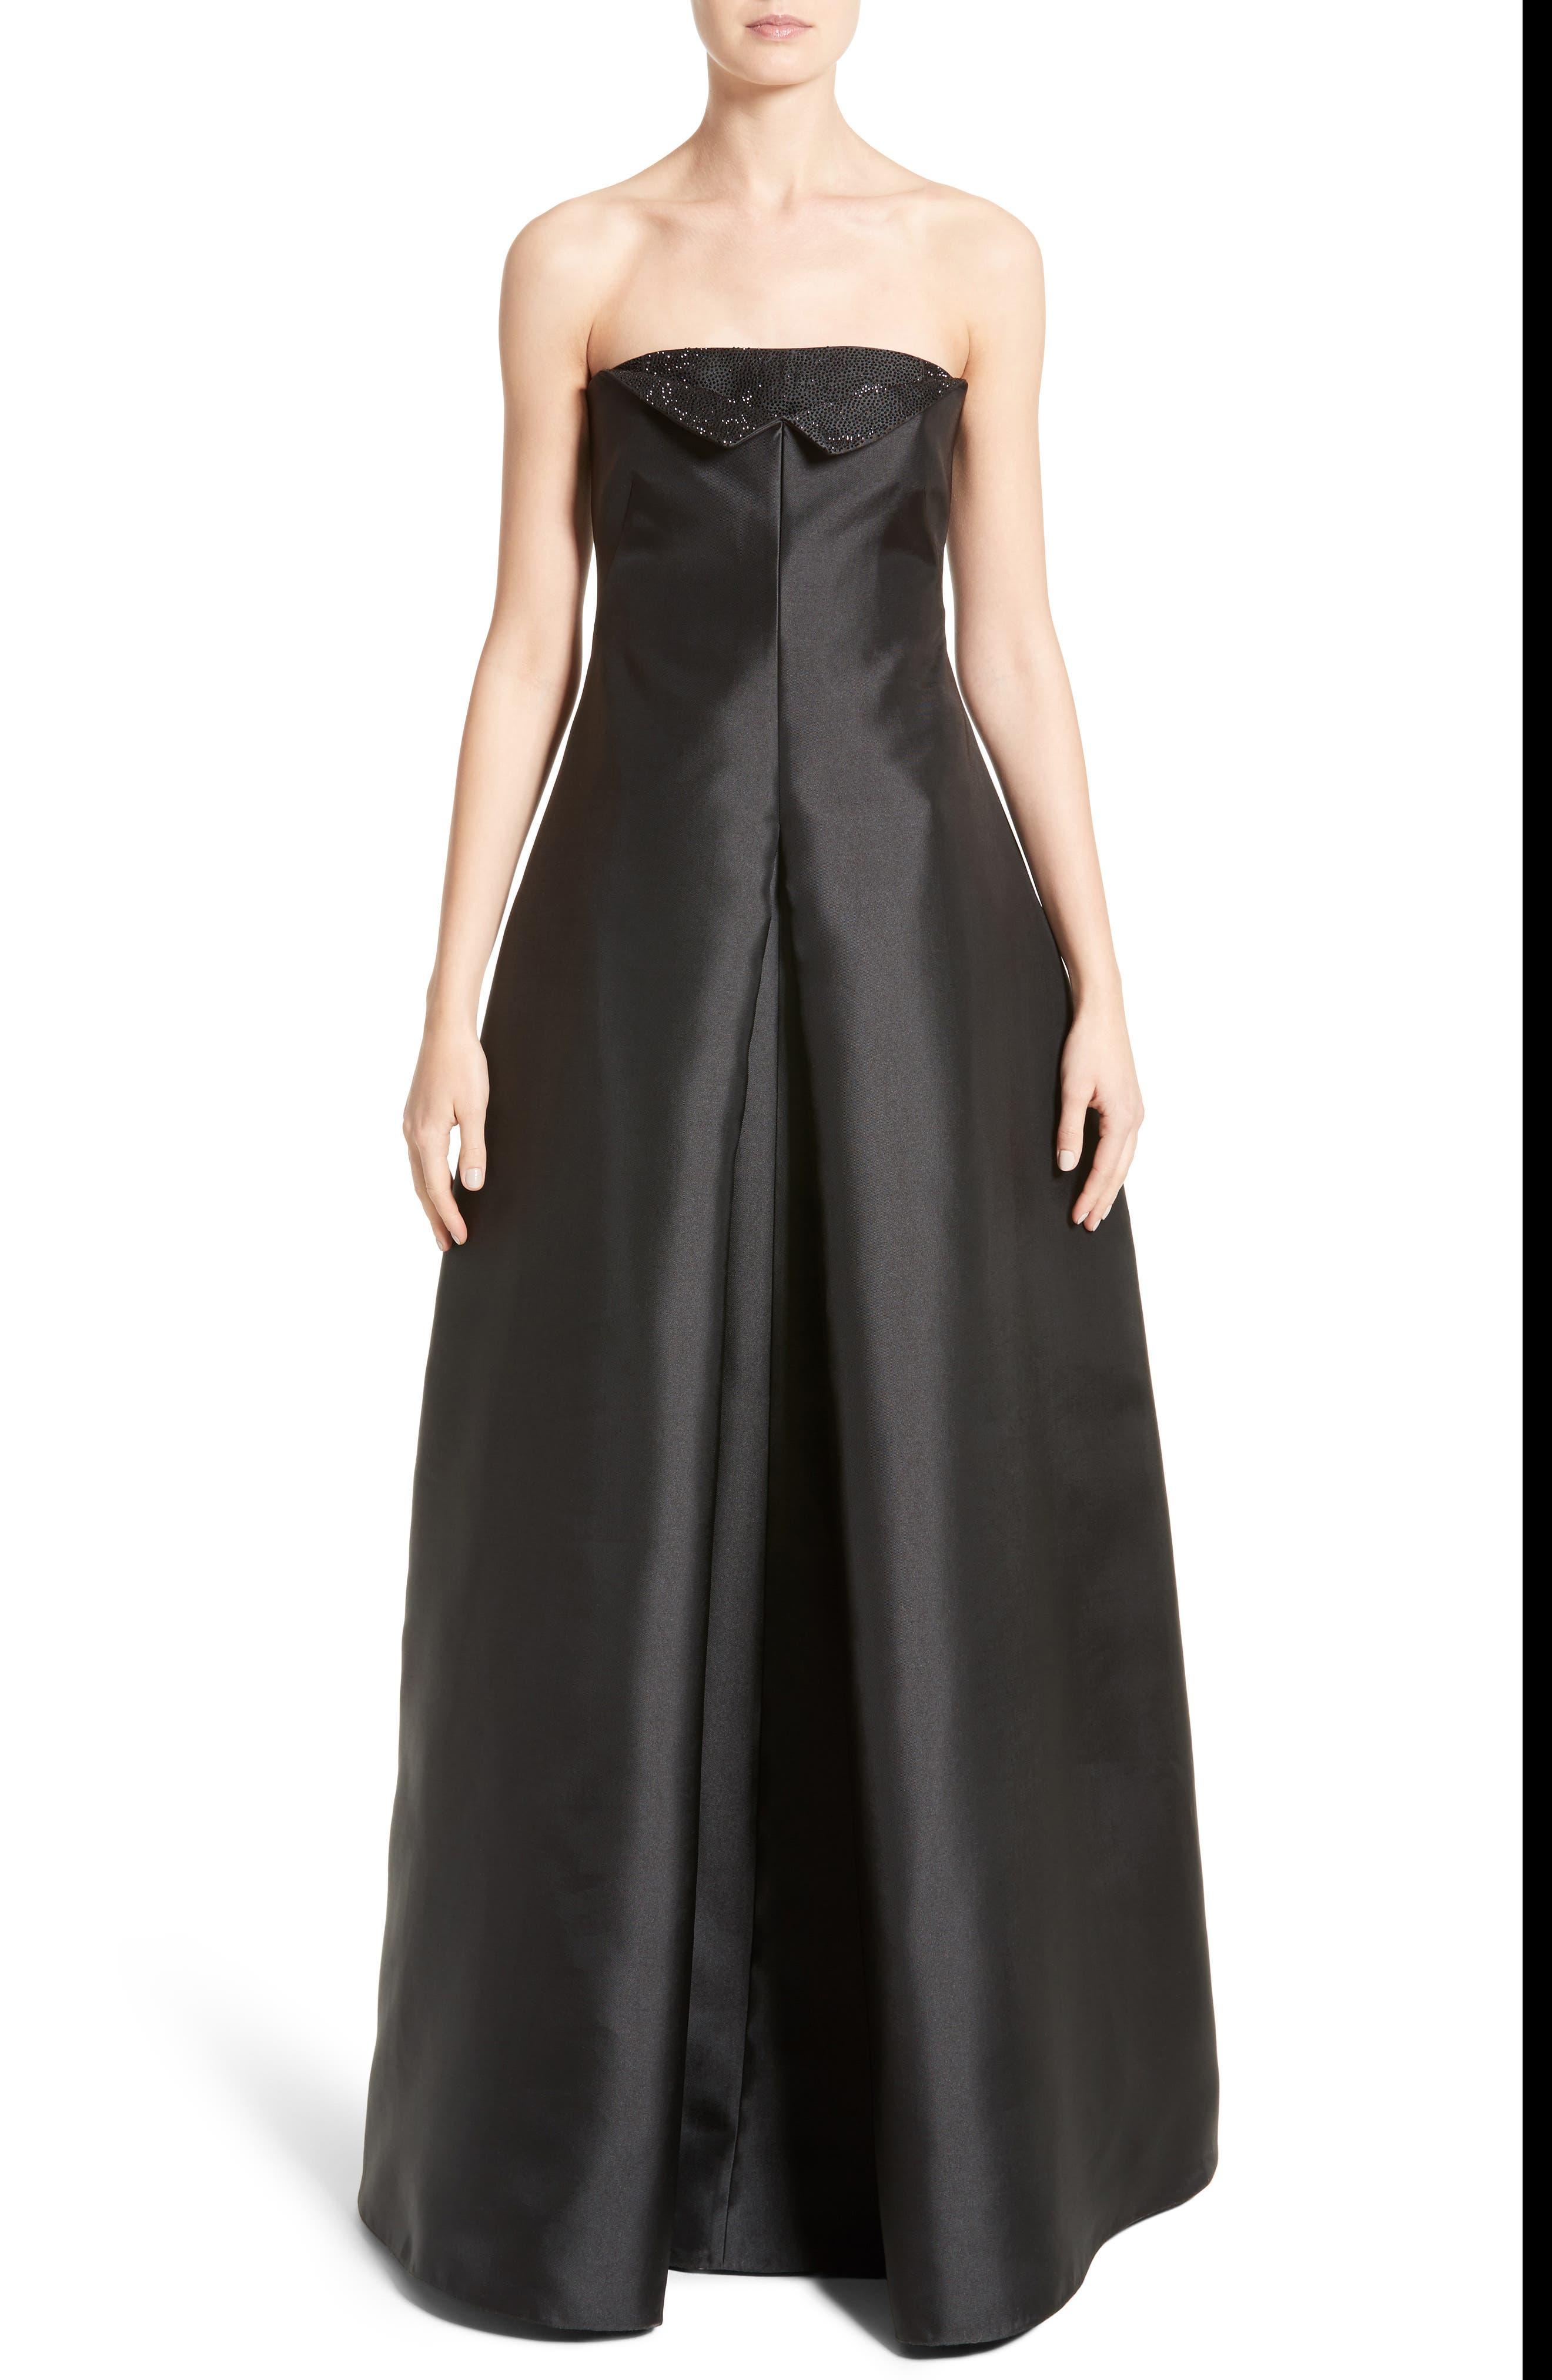 Crystal Embellished Gazar Strapless Gown,                         Main,                         color, 004